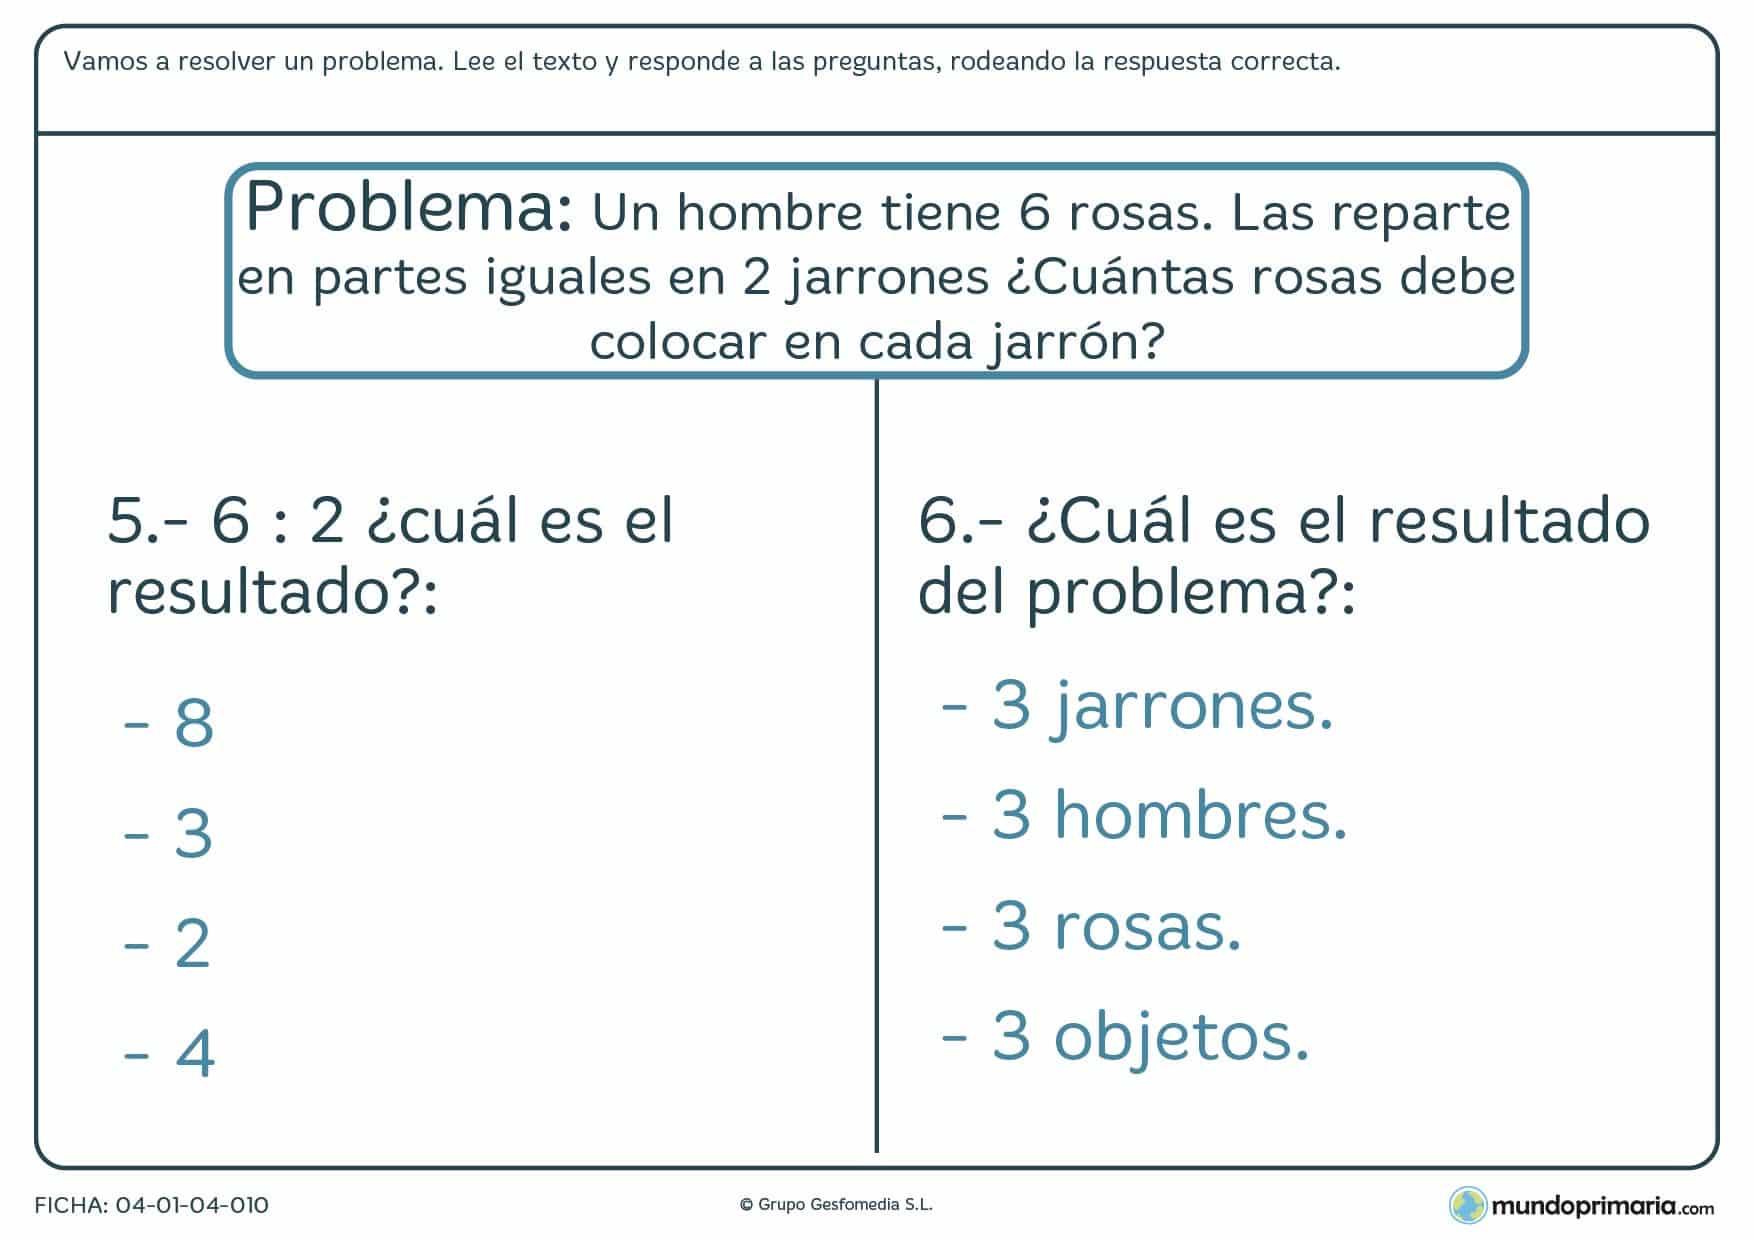 Ficha de responder a las preguntas sobre el problema en el que hay que leer un texto y responder a las preguntas sobre éste.